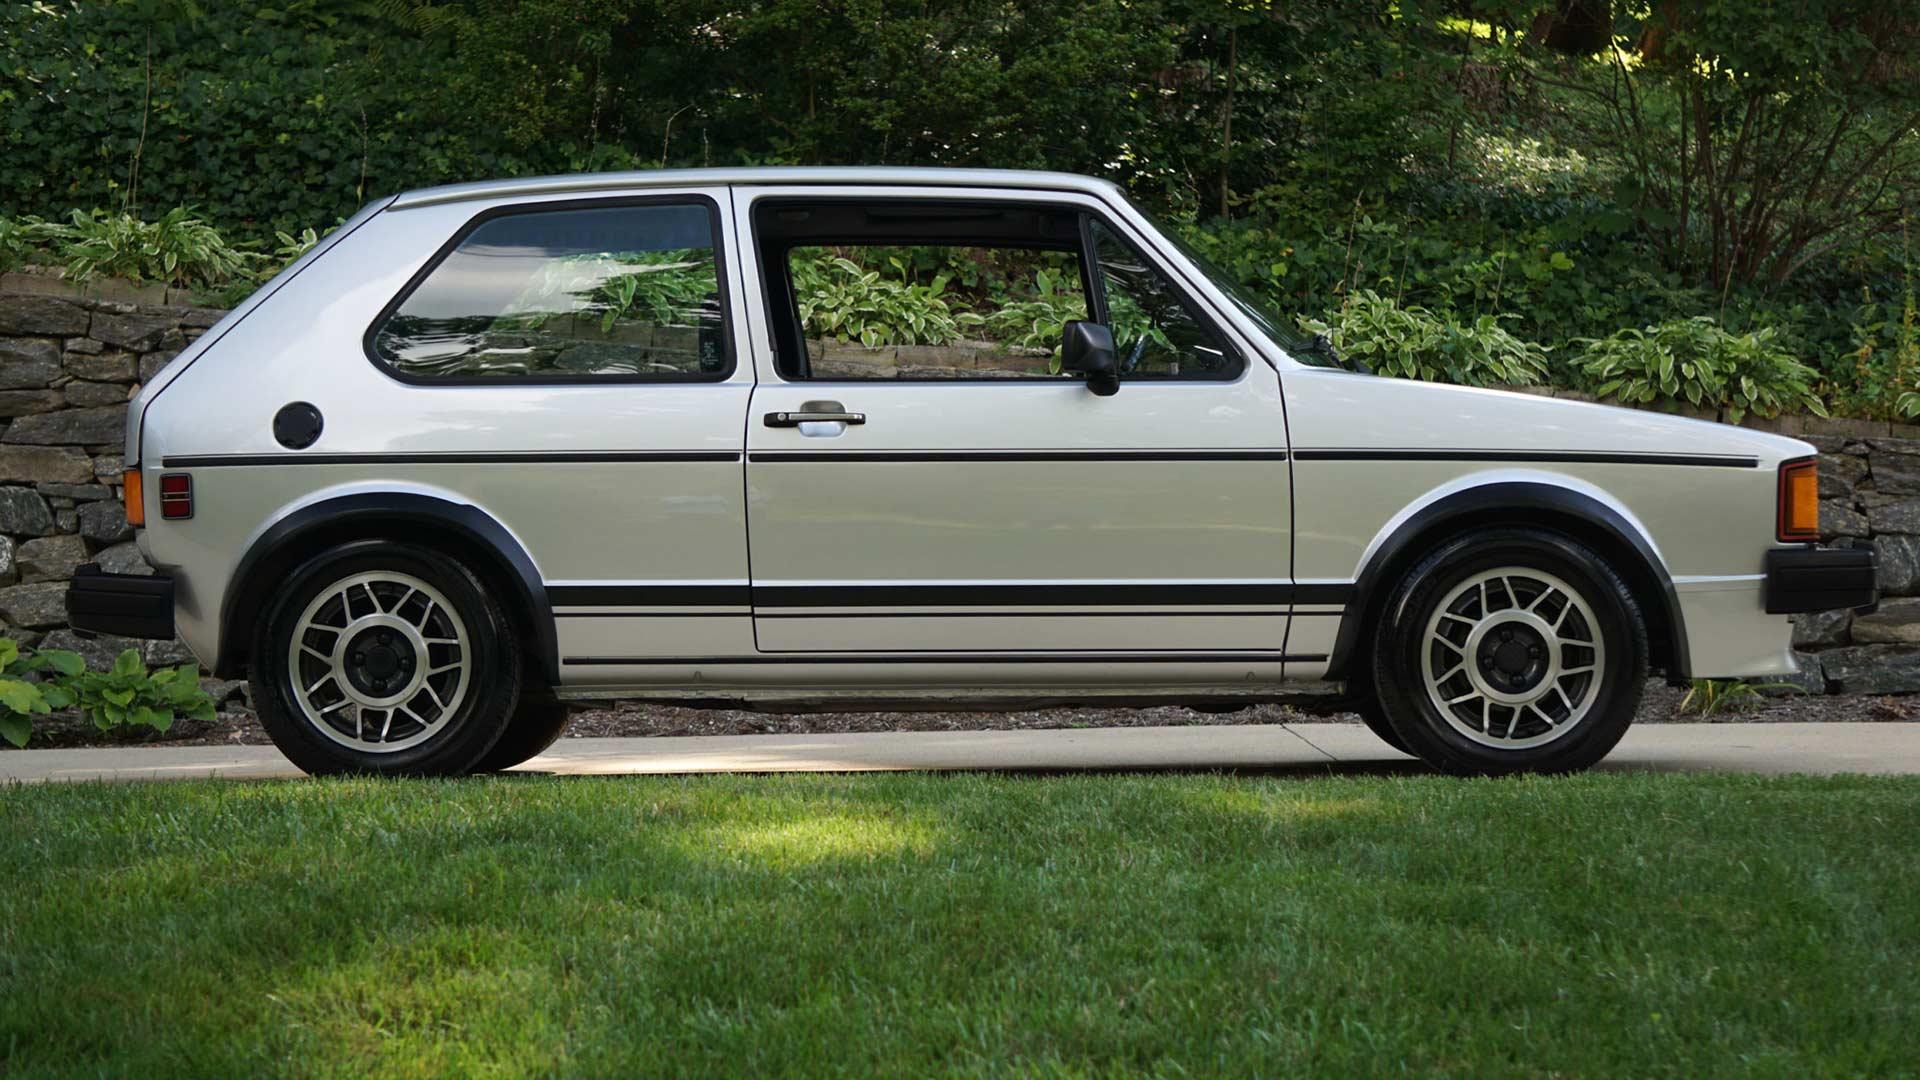 33 000 Volkswagen Rabbit Gti Breaks Auction Website Records Motoring Research